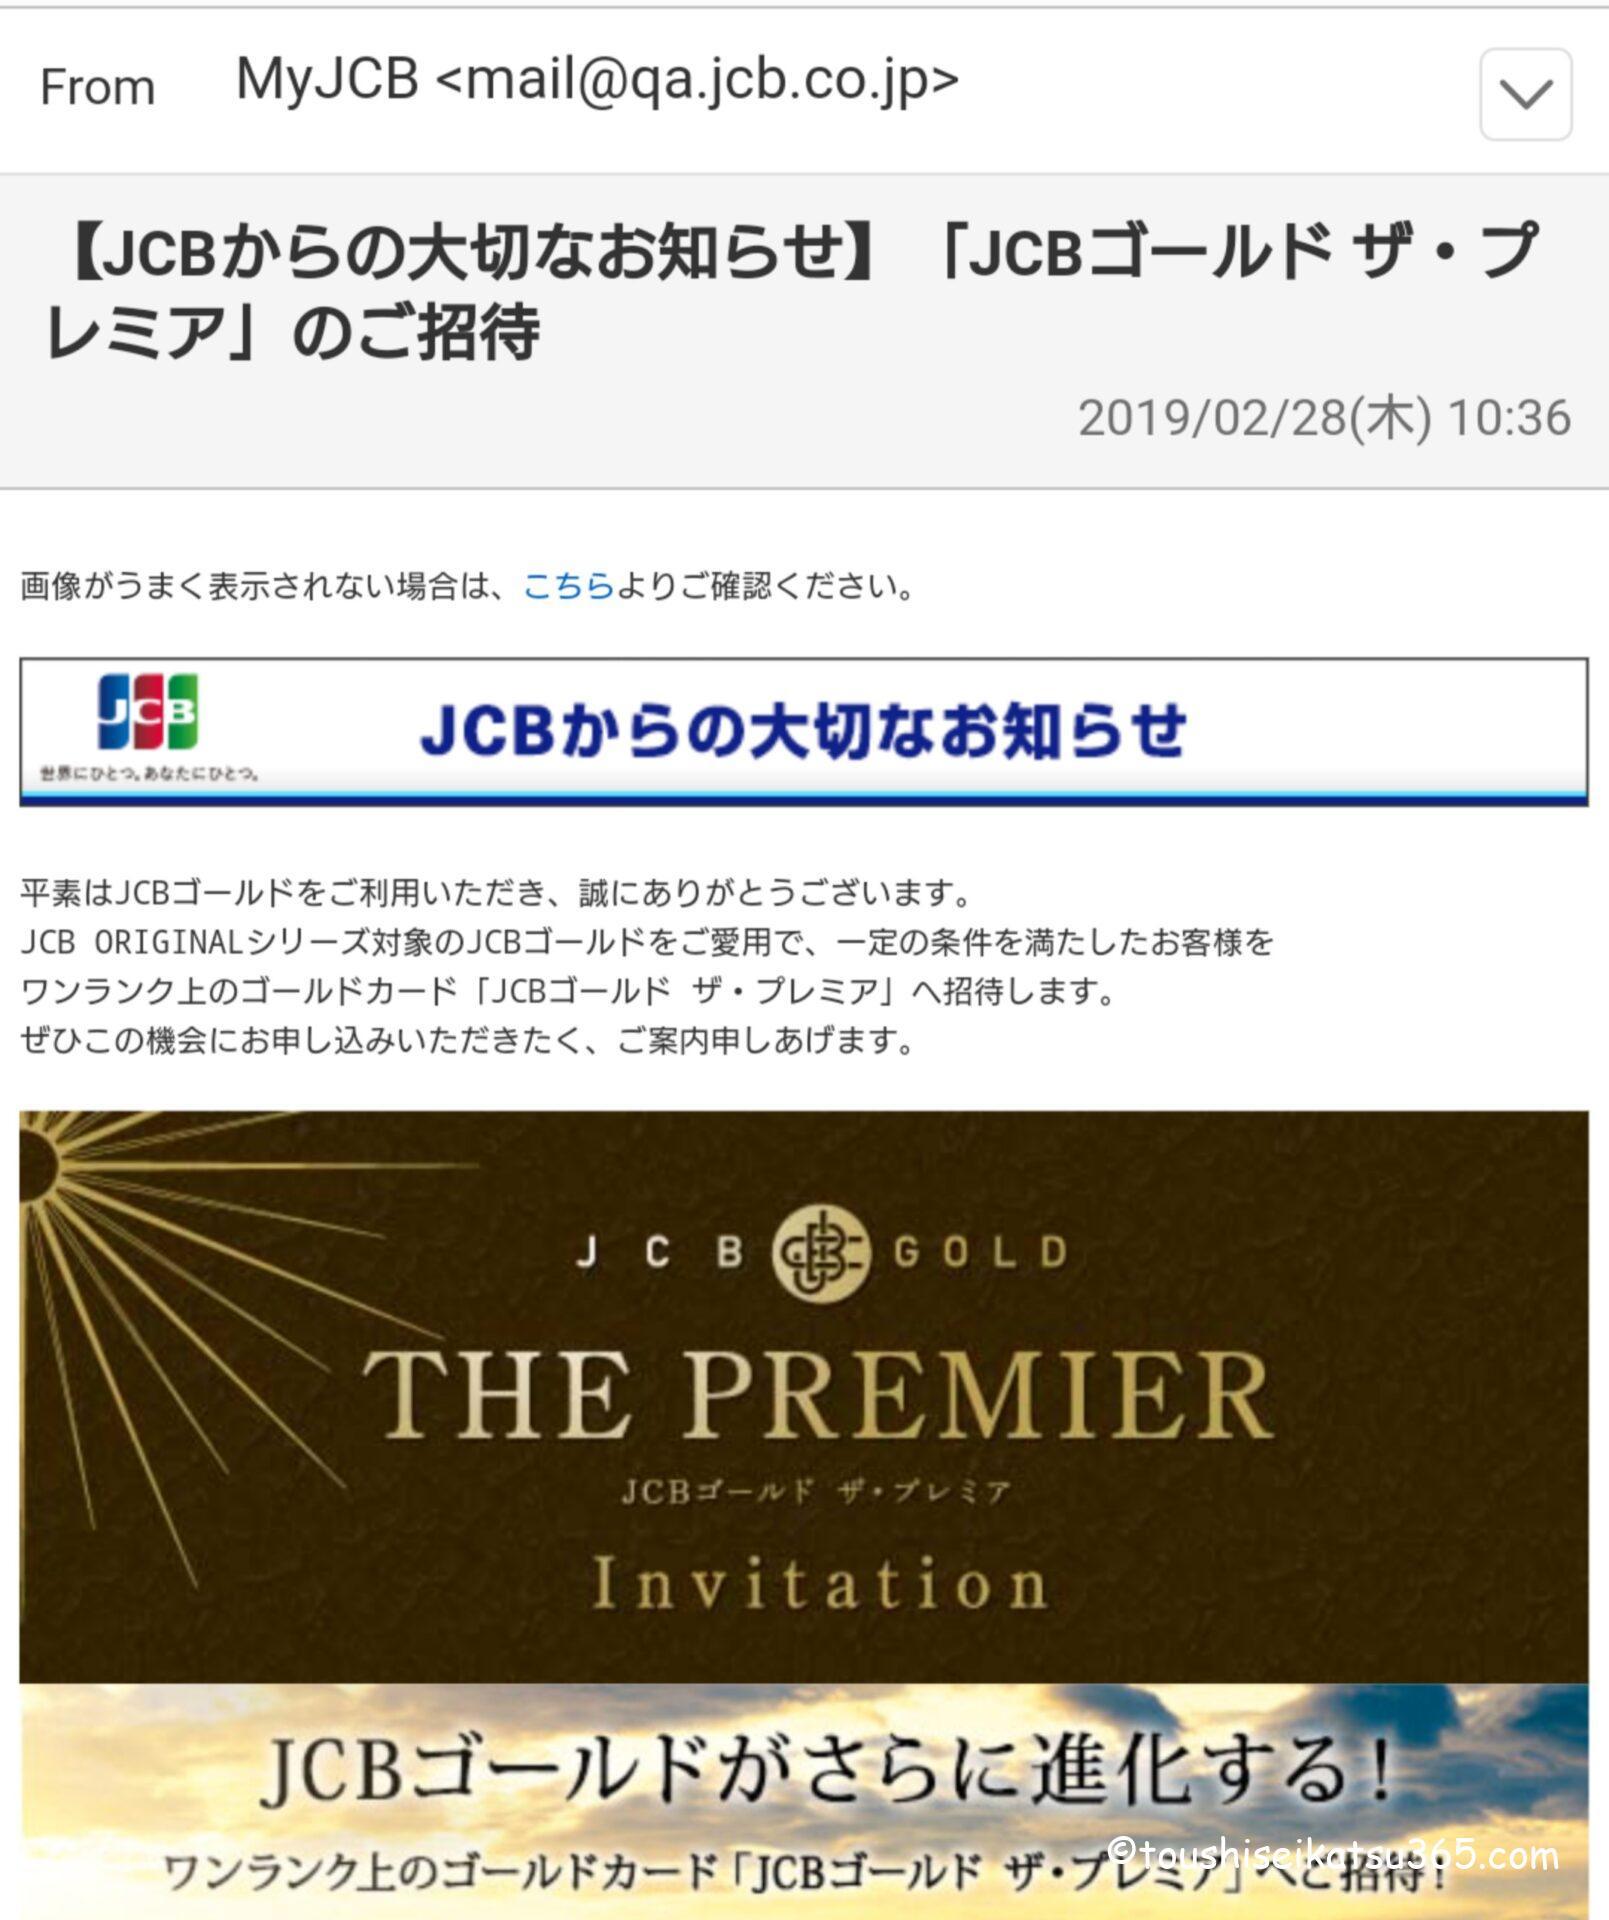 「JCBゴールド ザ・プレミア」インビテーションメール